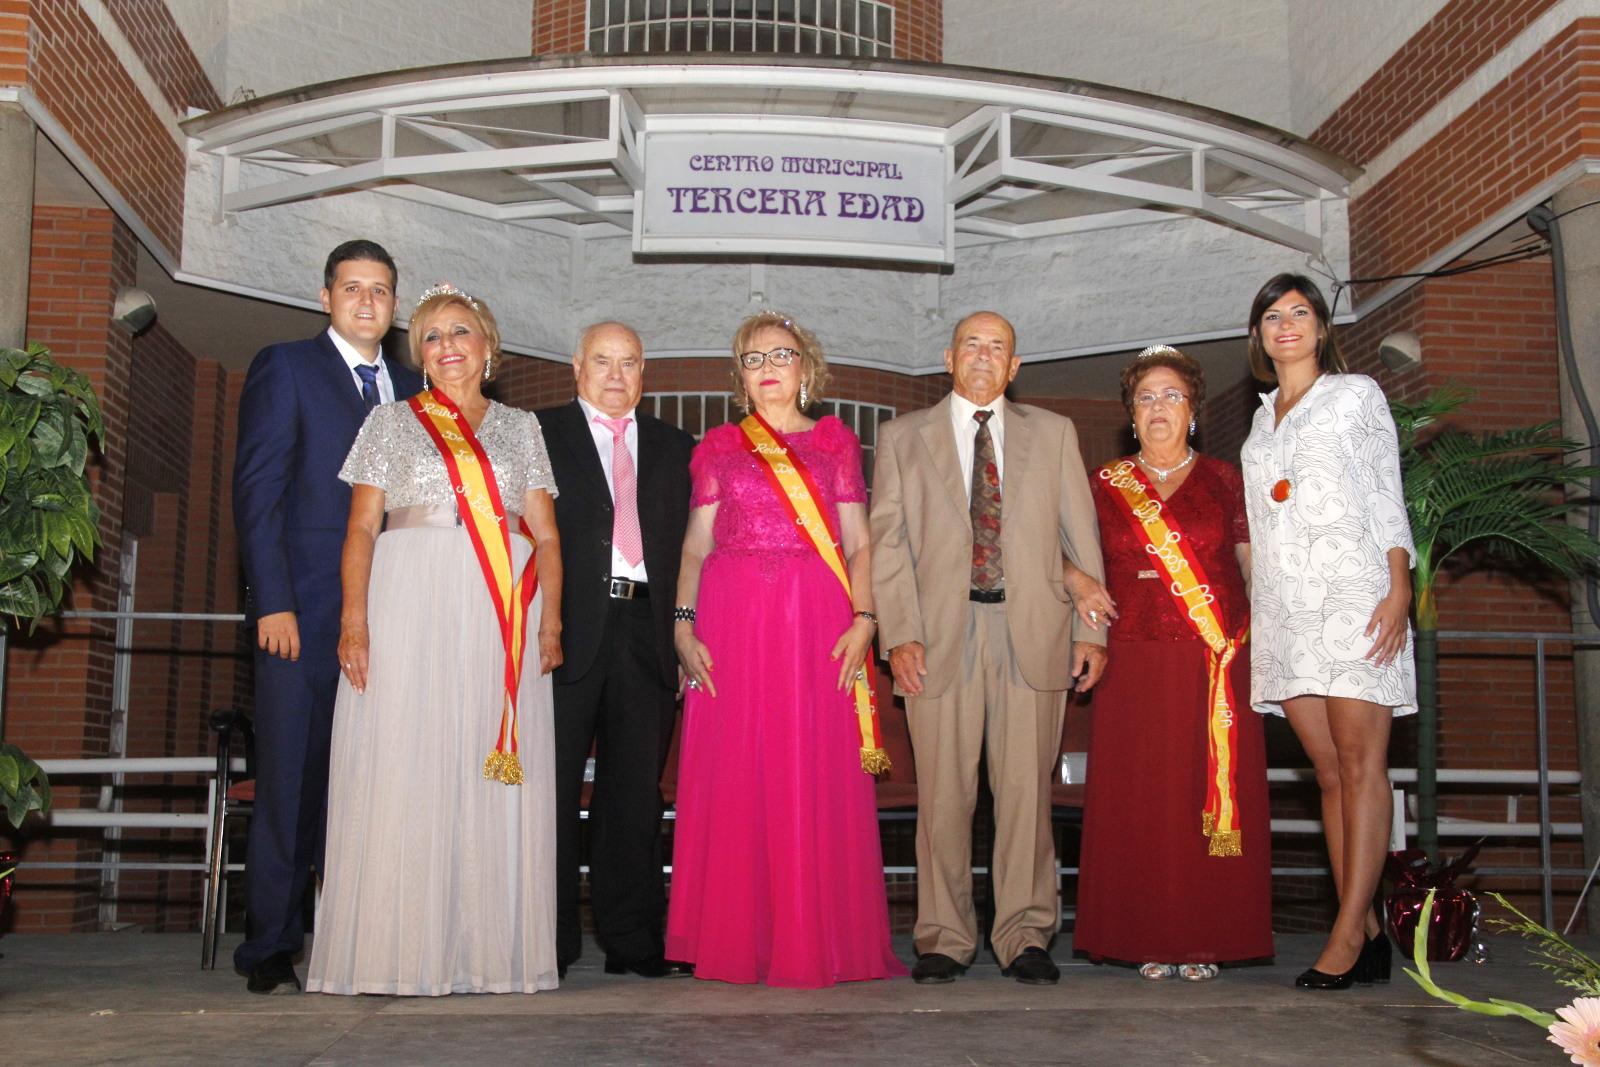 Coronacion reinas tercera edad 2017